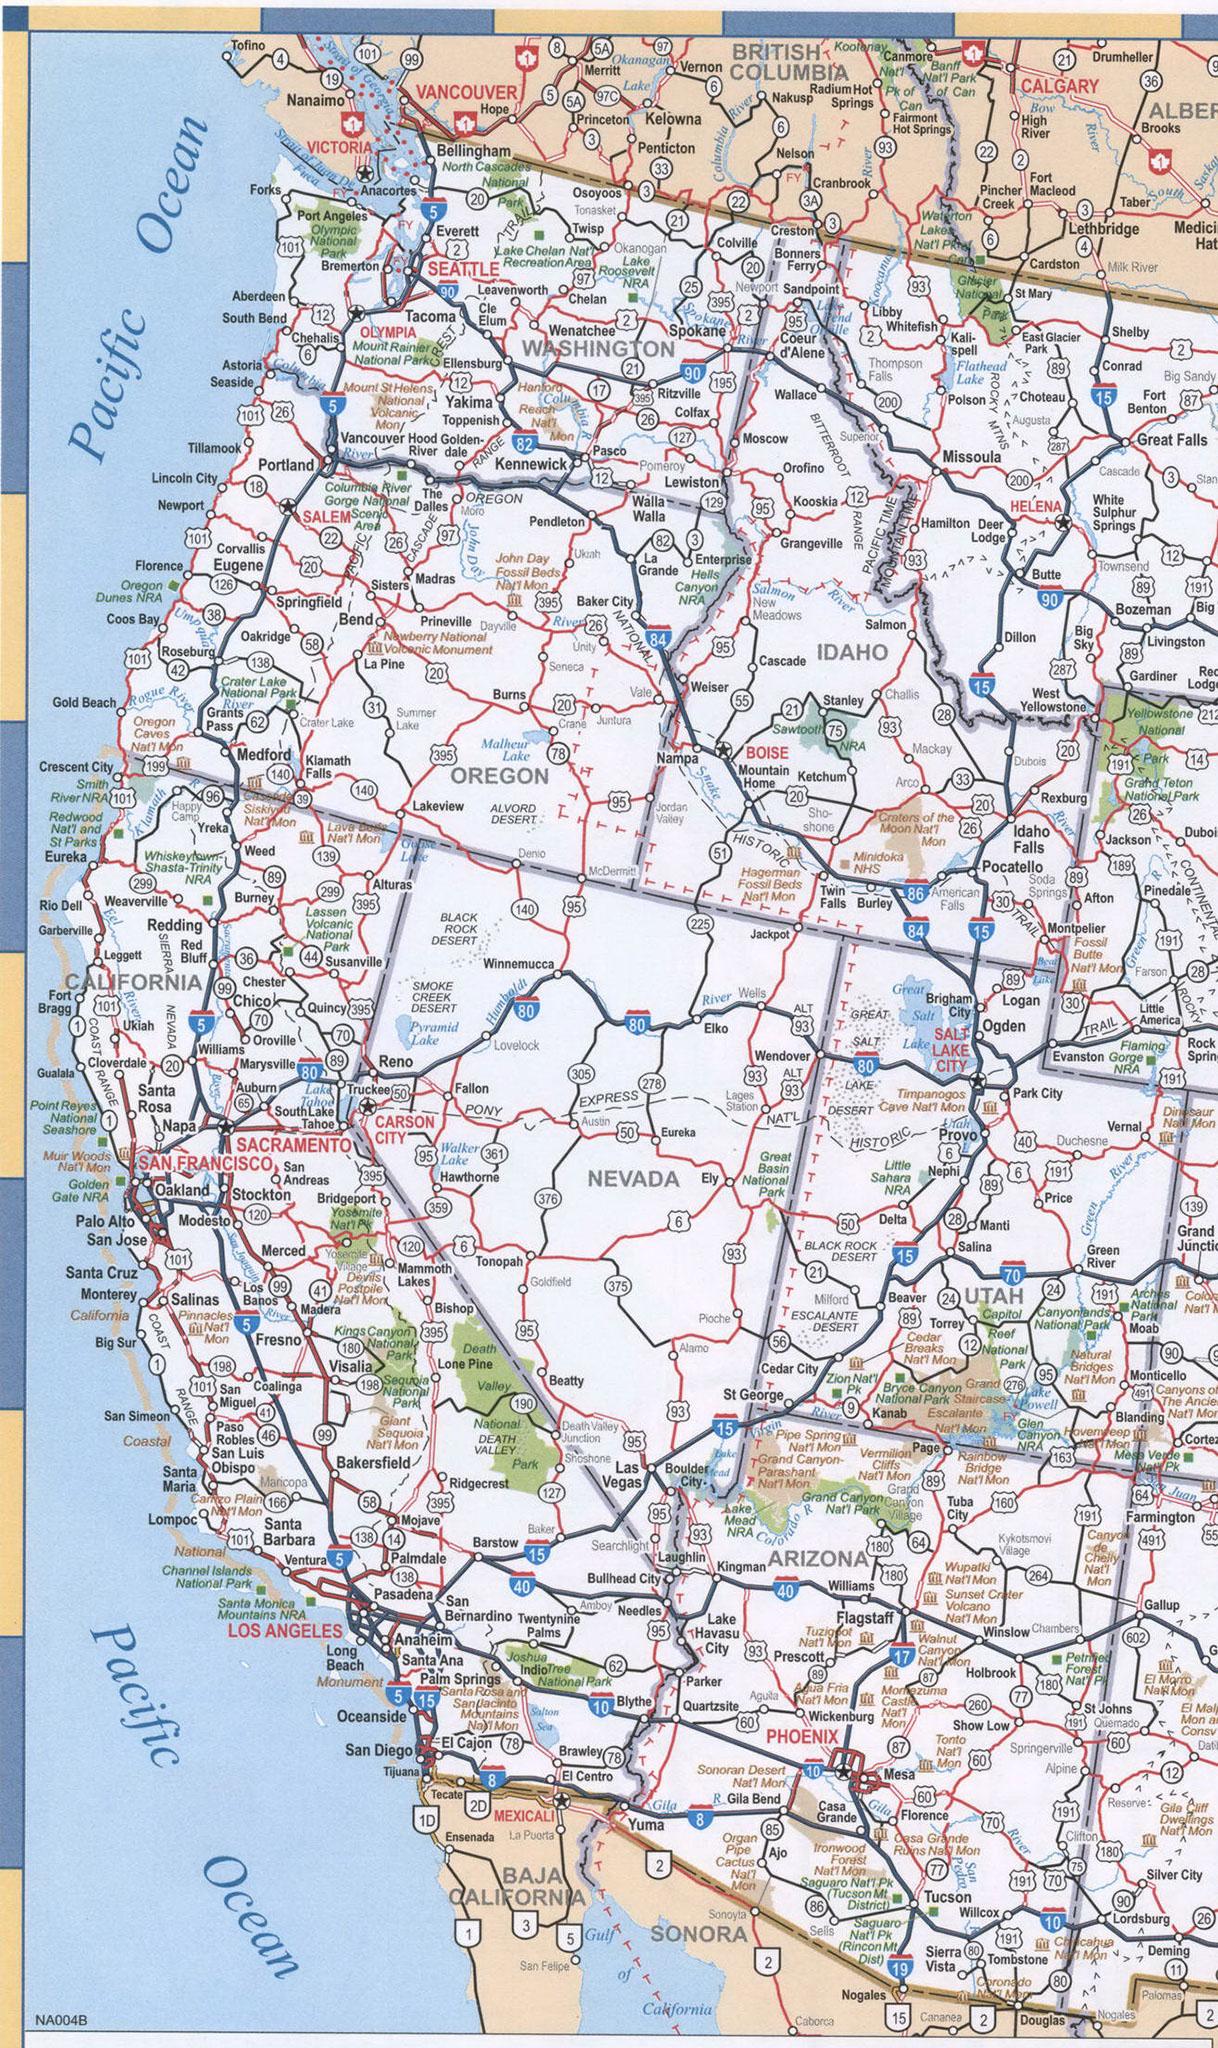 Map Of California And Oregon Coast - Klipy - Road Map Oregon California